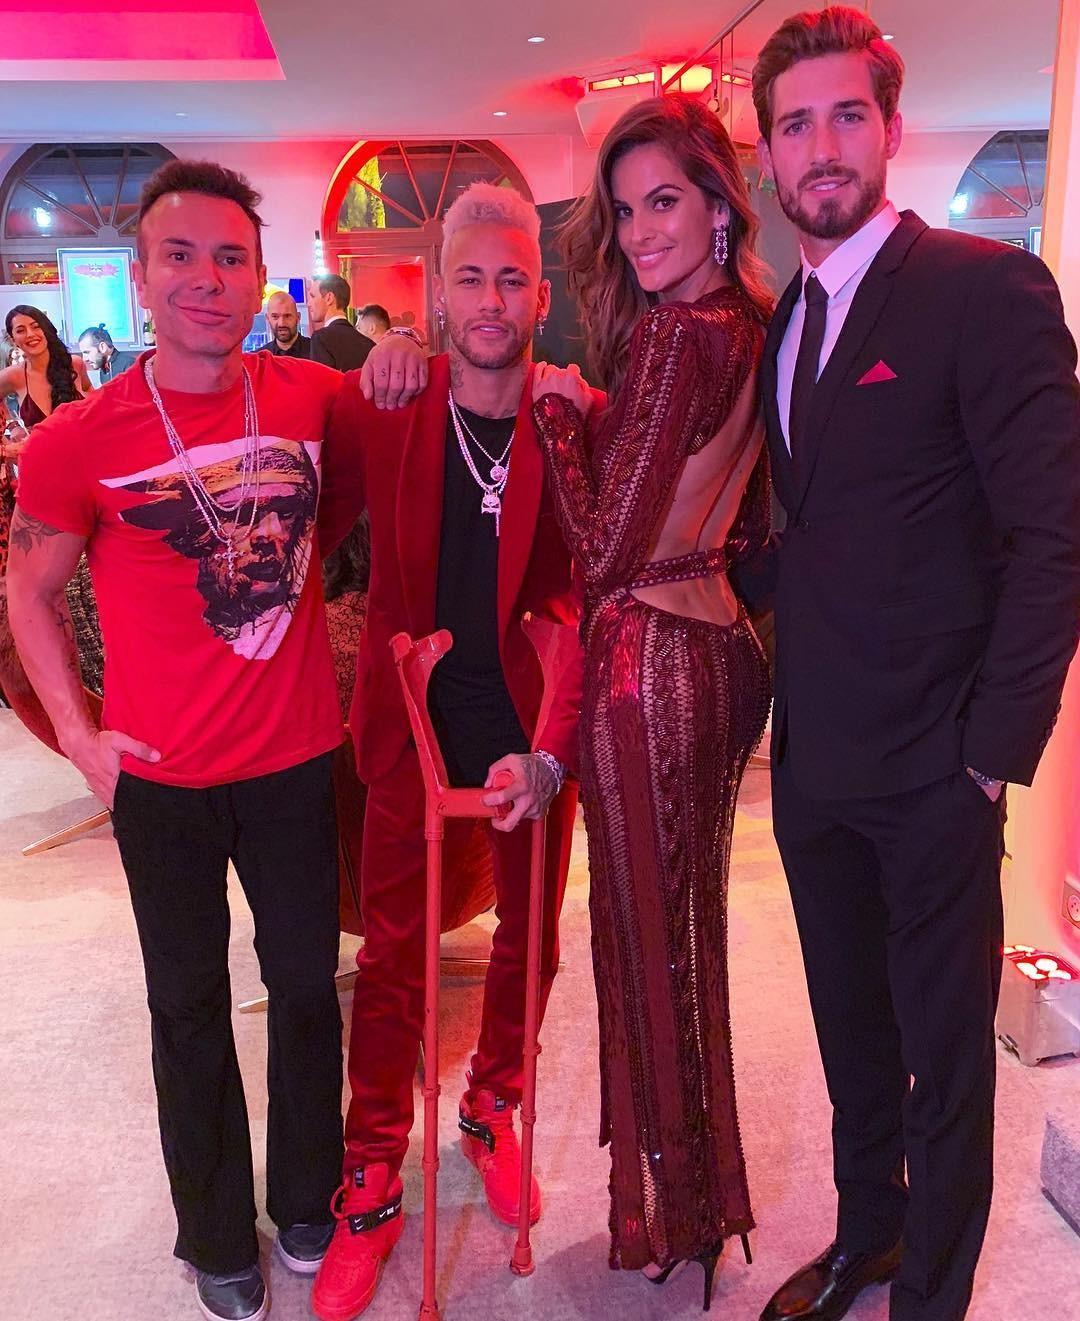 Matheus Mazzafera, Neymar, Izabel Goulart e Kevin Trapp (Foto: Reprodução/Instagram)